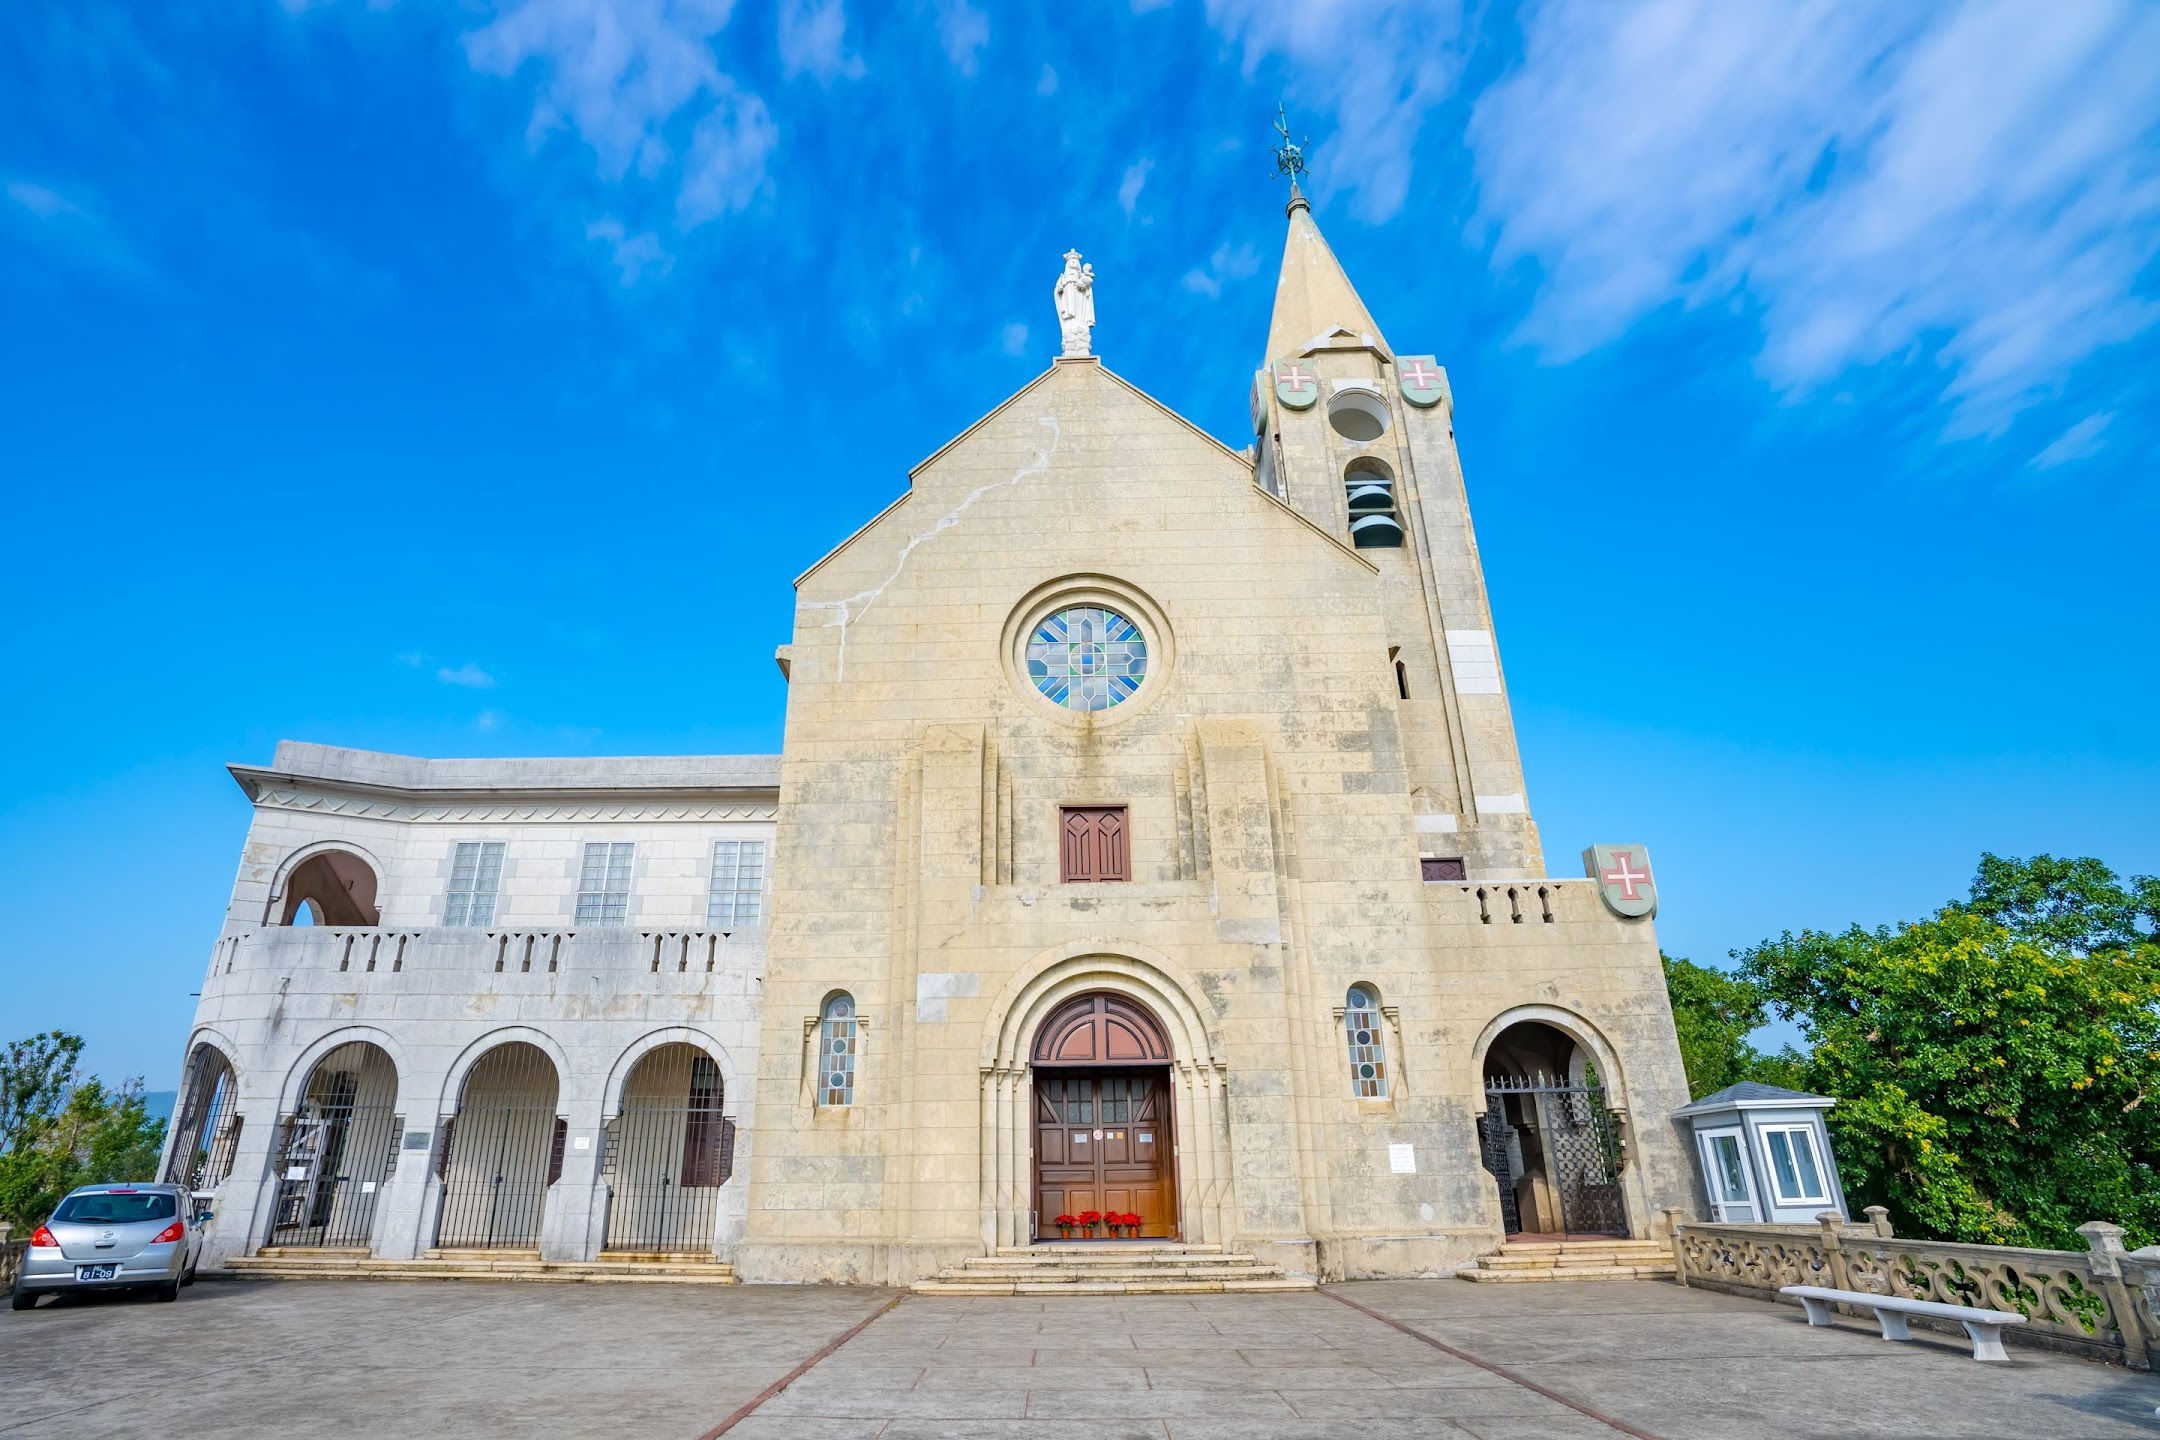 Macau Penha Church/主教山小堂/Ermida de Nossa Senhora da Penha